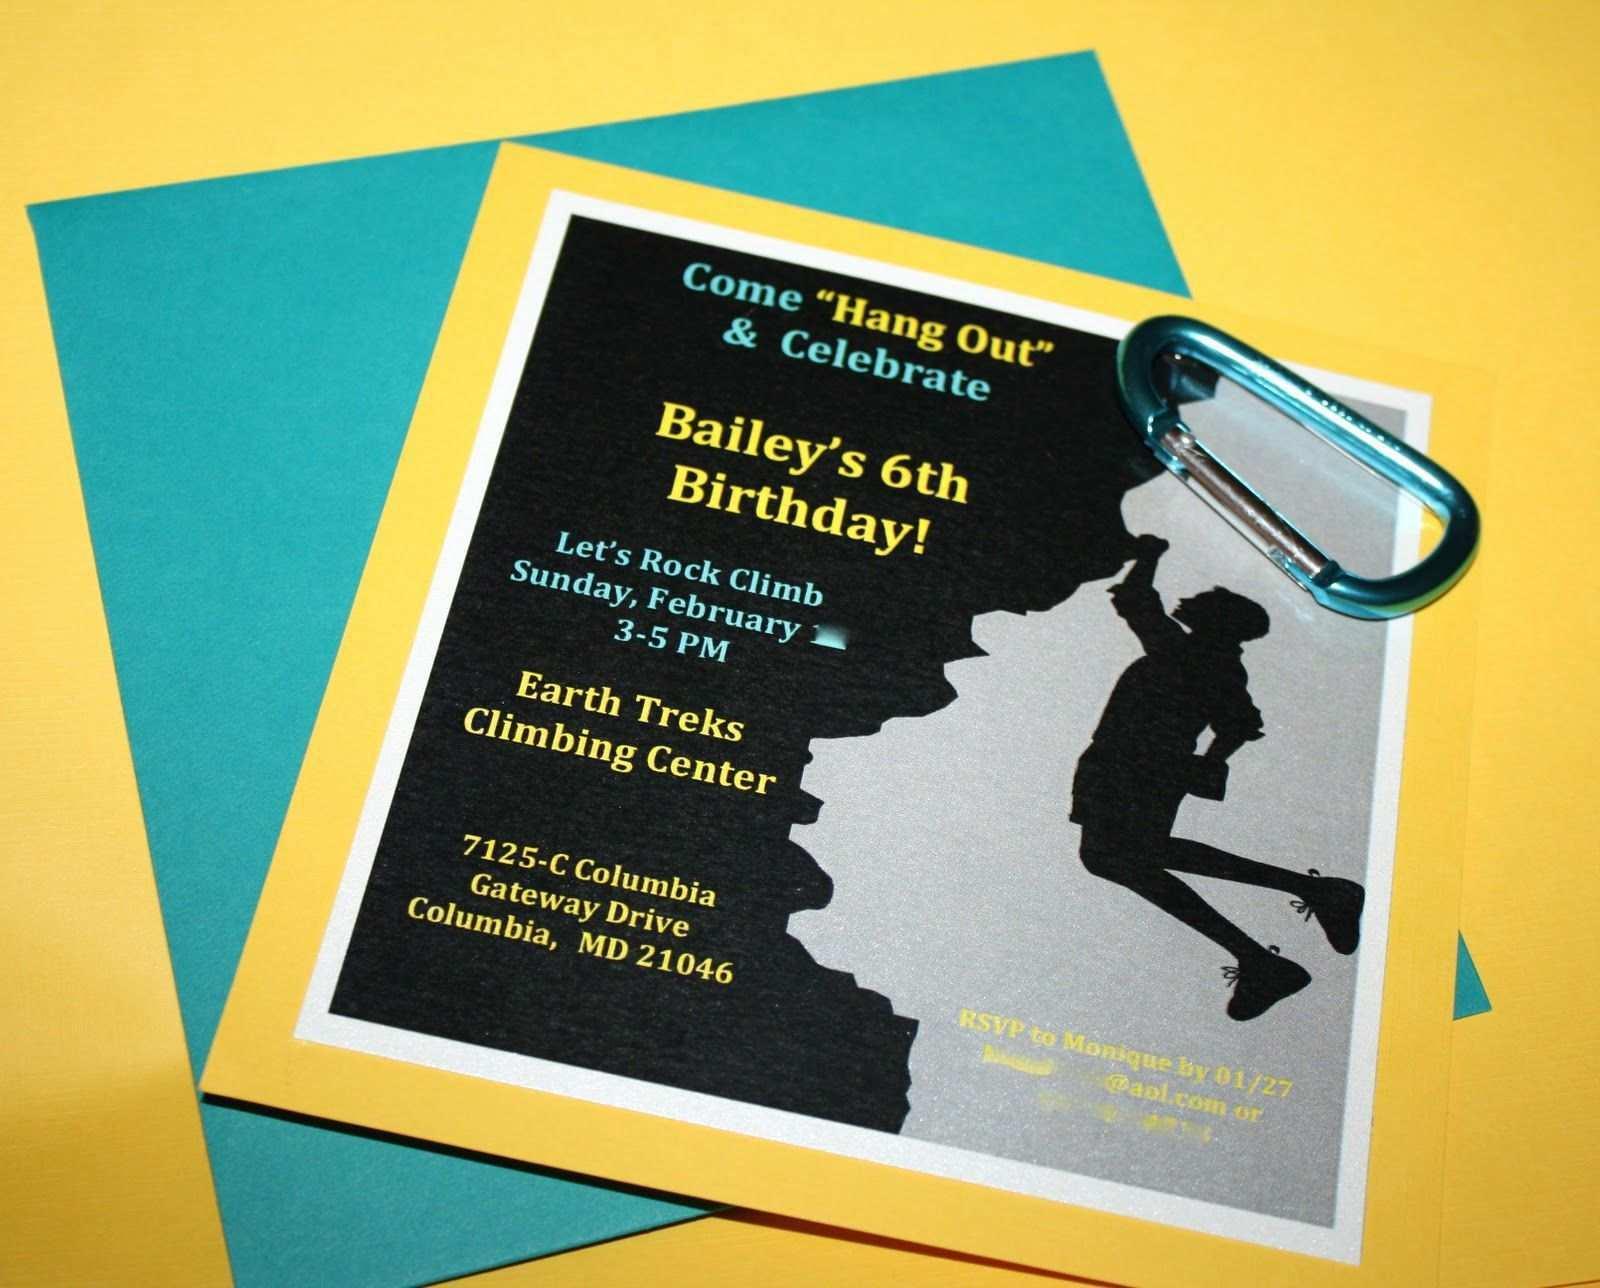 Einladung Kindergeburtstag Vorlage Kostenlos Einladung Kindergeburtstag Einladung Kindergeburtstag Text Einladungskarten Kindergeburtstag